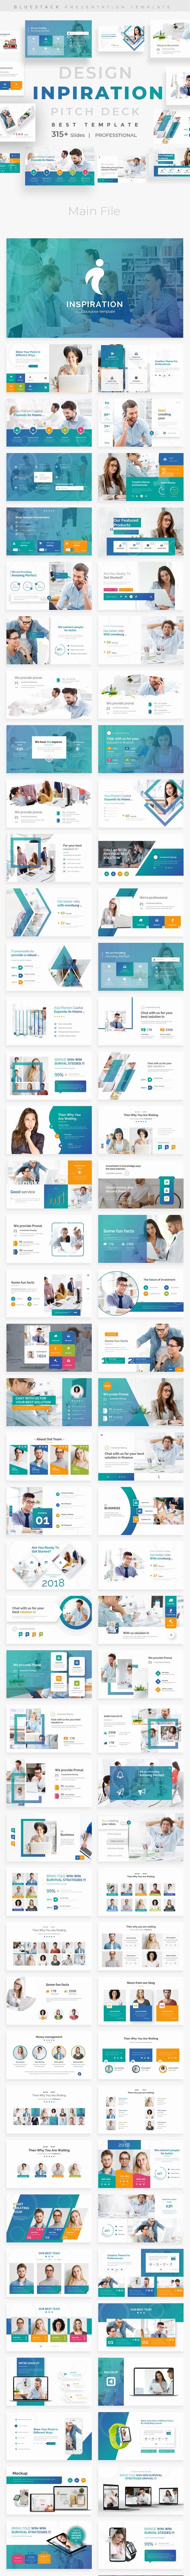 Design Inpiration Pitch Deck Google Slide Template - Google Slides Presentation Templates